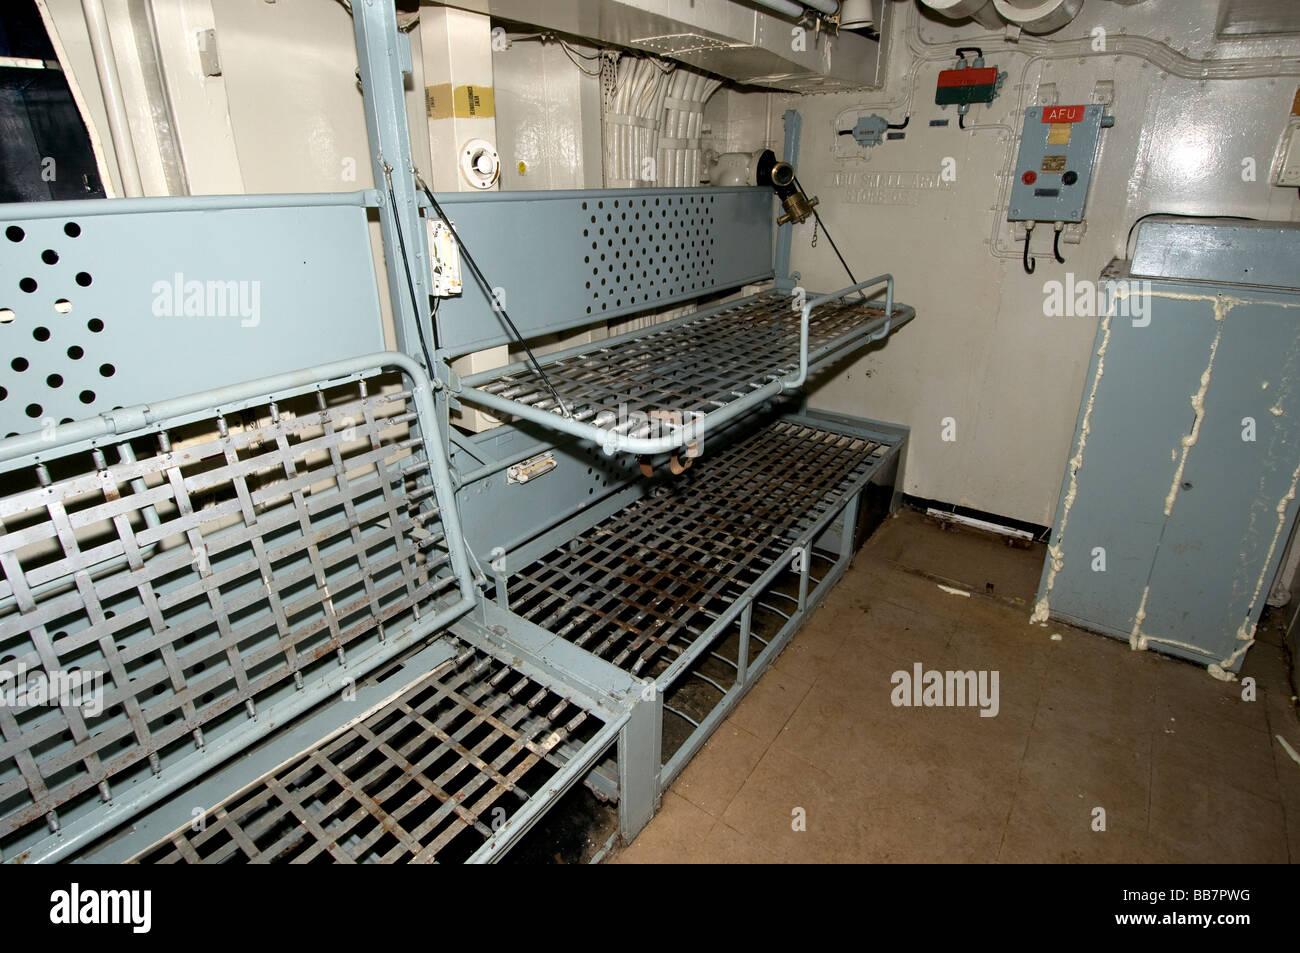 Navy Ship Bunk Beds Stockfotos Und Bilder Kaufen Alamy